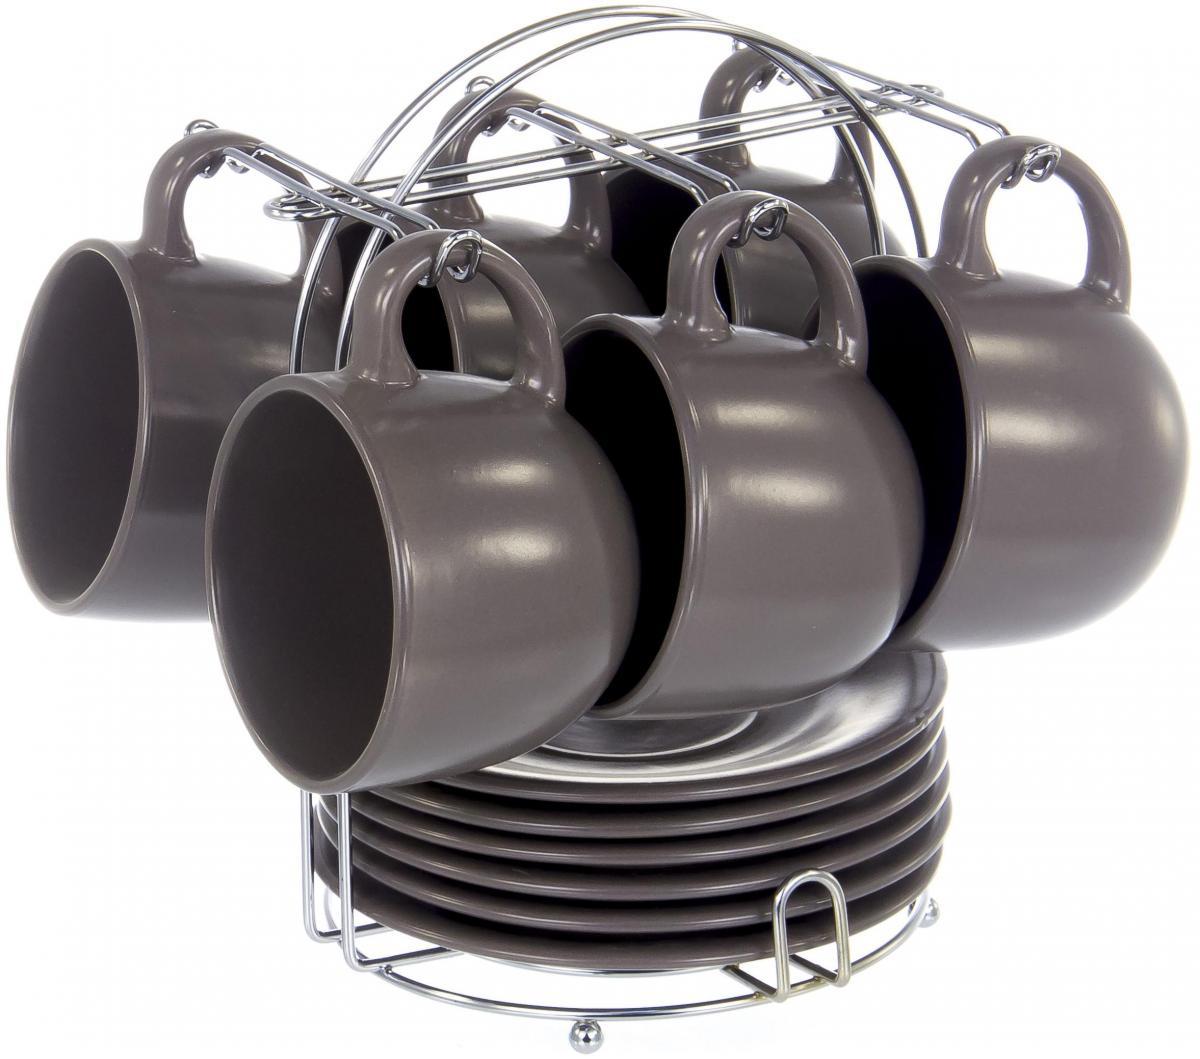 """Набор Elrington """"Моно"""" состоит из шести чашек и шести  блюдец, изготовленных из высококачественной керамики. Изделия  расположены на  металлической подставке.  Изящный дизайн придется по вкусу и ценителям  классики, и тем, кто предпочитает утонченность и  изысканность. Он настроит на позитивный лад и  подарит хорошее настроение с самого утра. Чайный  набор Elrington """"Моно"""" - идеальный и необходимый подарок  для вашего дома и для ваших друзей в праздники."""